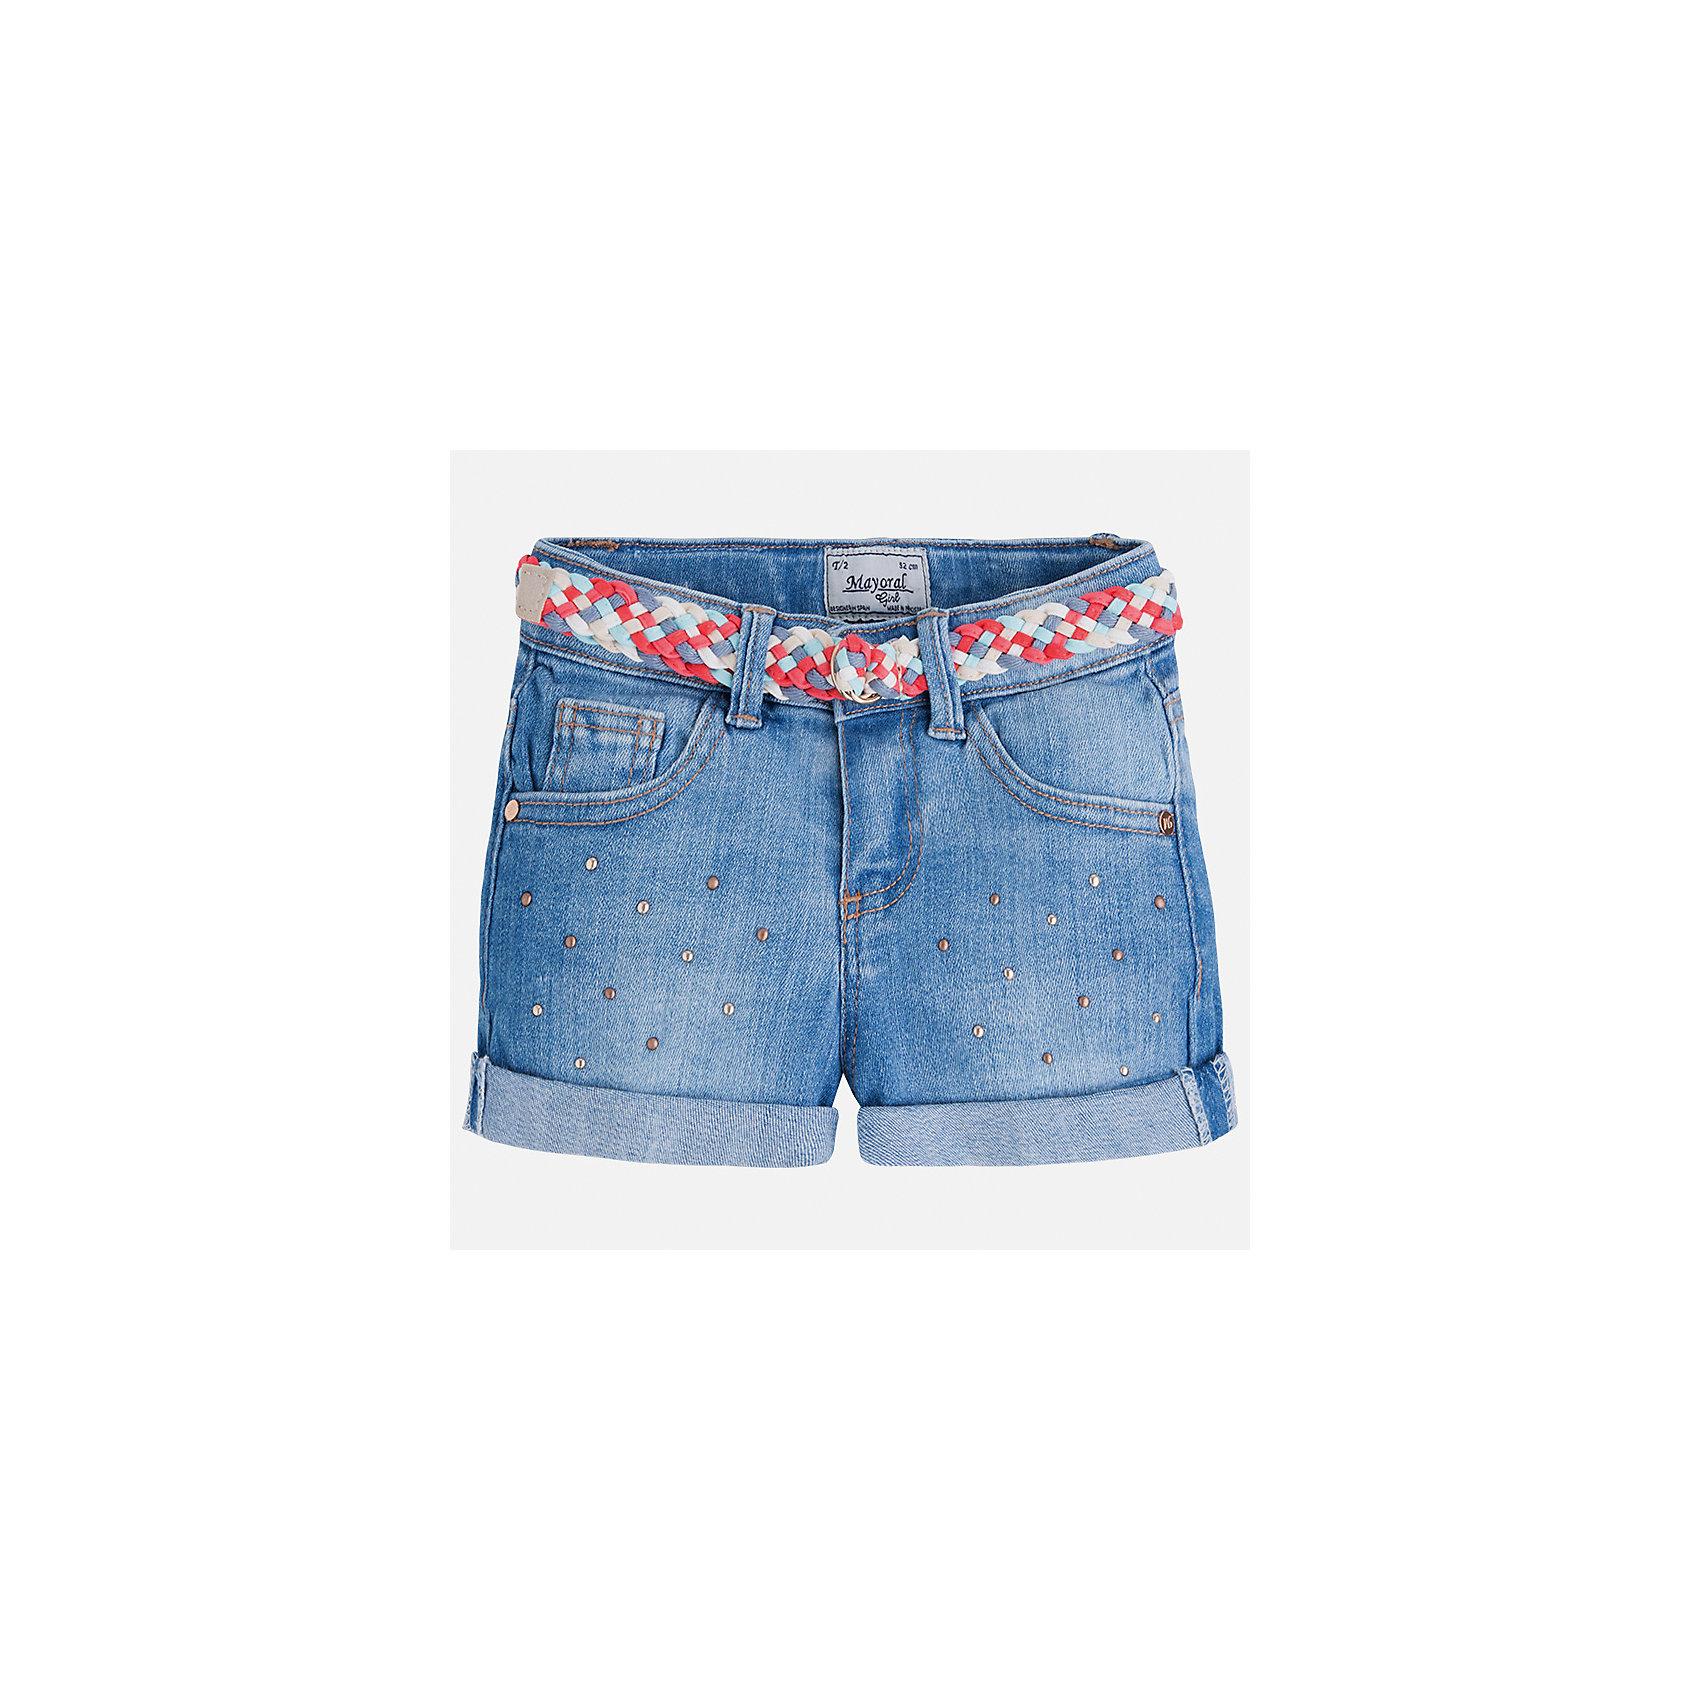 Шорты джинсовые для девочки MayoralШорты, бриджи, капри<br>Характеристики товара:<br><br>• цвет: голубой<br>• состав: 99% хлопок, 1% эластан<br>• легкий материал<br>• с подкладкой<br>• пояс на резинке<br>• украшены бантиком<br>• страна бренда: Испания<br><br>Модные легкие шорты для девочки смогут разнообразить гардероб ребенка и украсить наряд. Они отлично сочетаются с майками, футболками, блузками.Интересный крой модели делает её нарядной и оригинальной. <br><br>Шорты для девочки от испанского бренда Mayoral (Майорал) можно купить в нашем интернет-магазине.<br><br>Ширина мм: 191<br>Глубина мм: 10<br>Высота мм: 175<br>Вес г: 273<br>Цвет: синий<br>Возраст от месяцев: 84<br>Возраст до месяцев: 96<br>Пол: Женский<br>Возраст: Детский<br>Размер: 128,98,104,110,116,122,134<br>SKU: 5289659